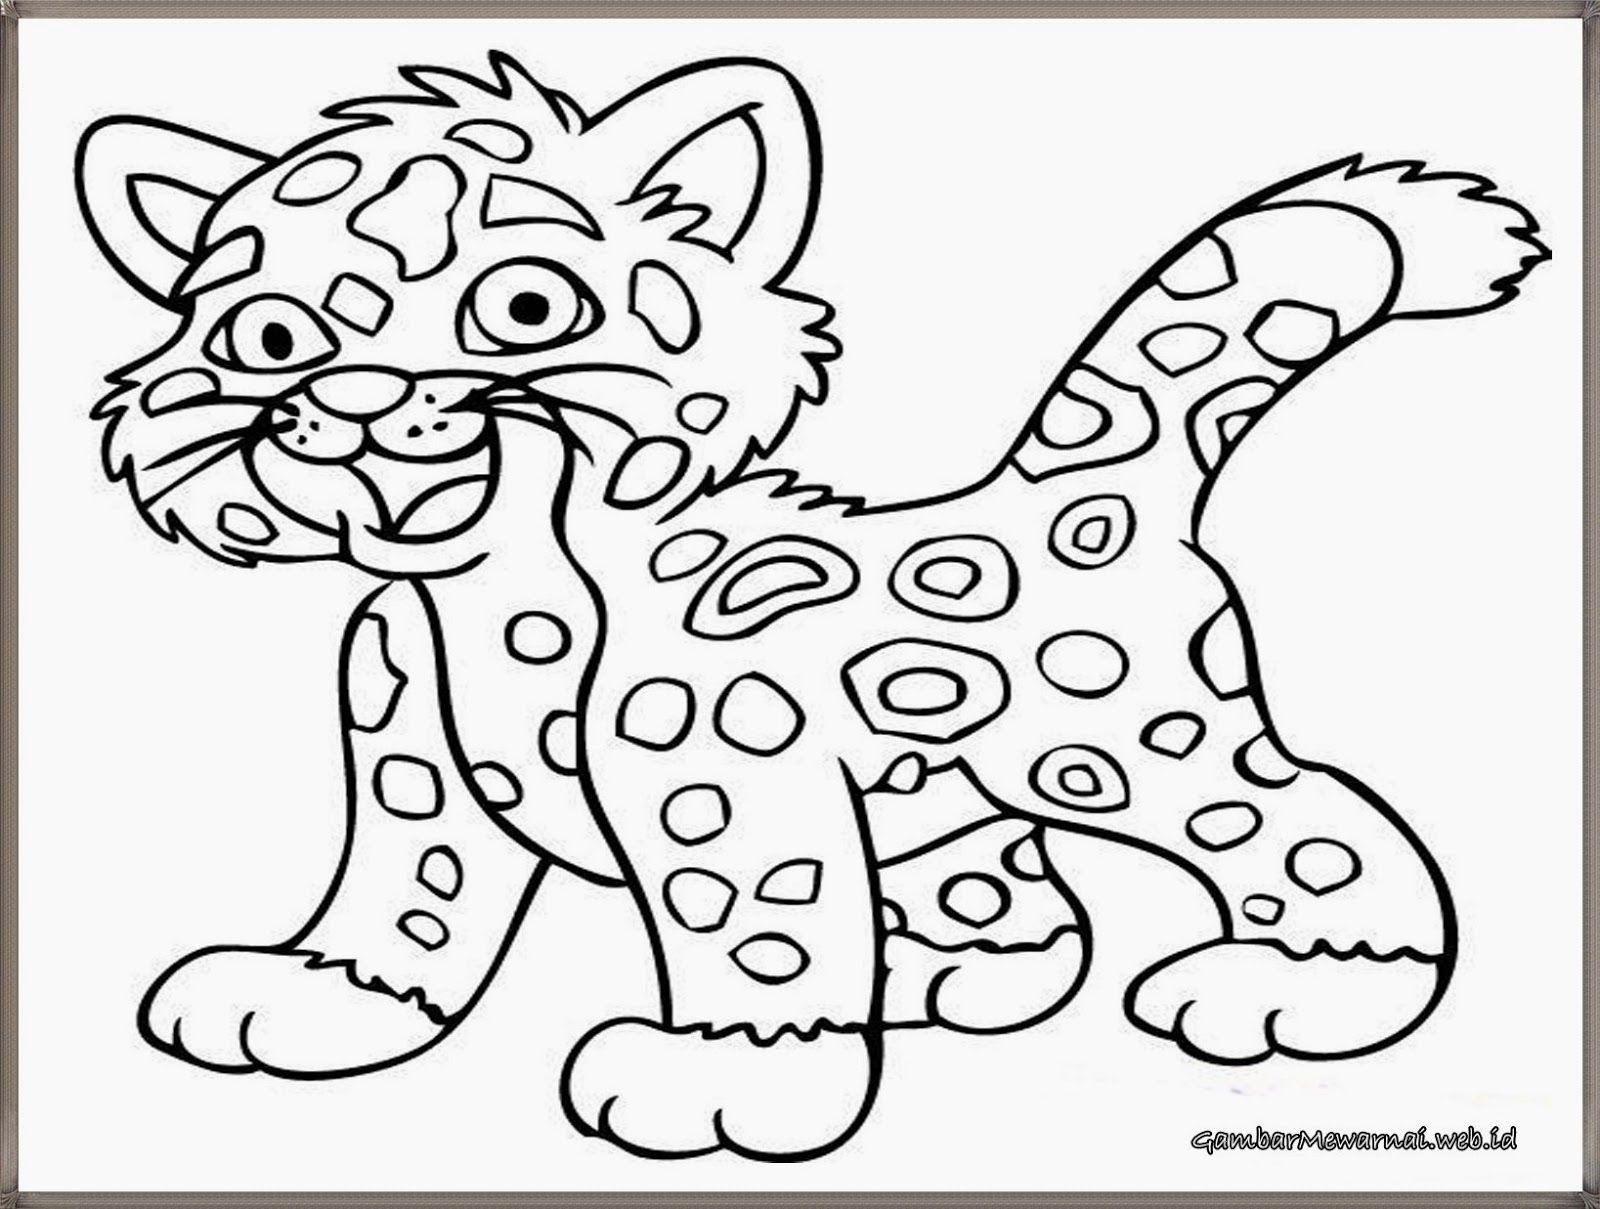 gambar mewarnai anak harimau lucu